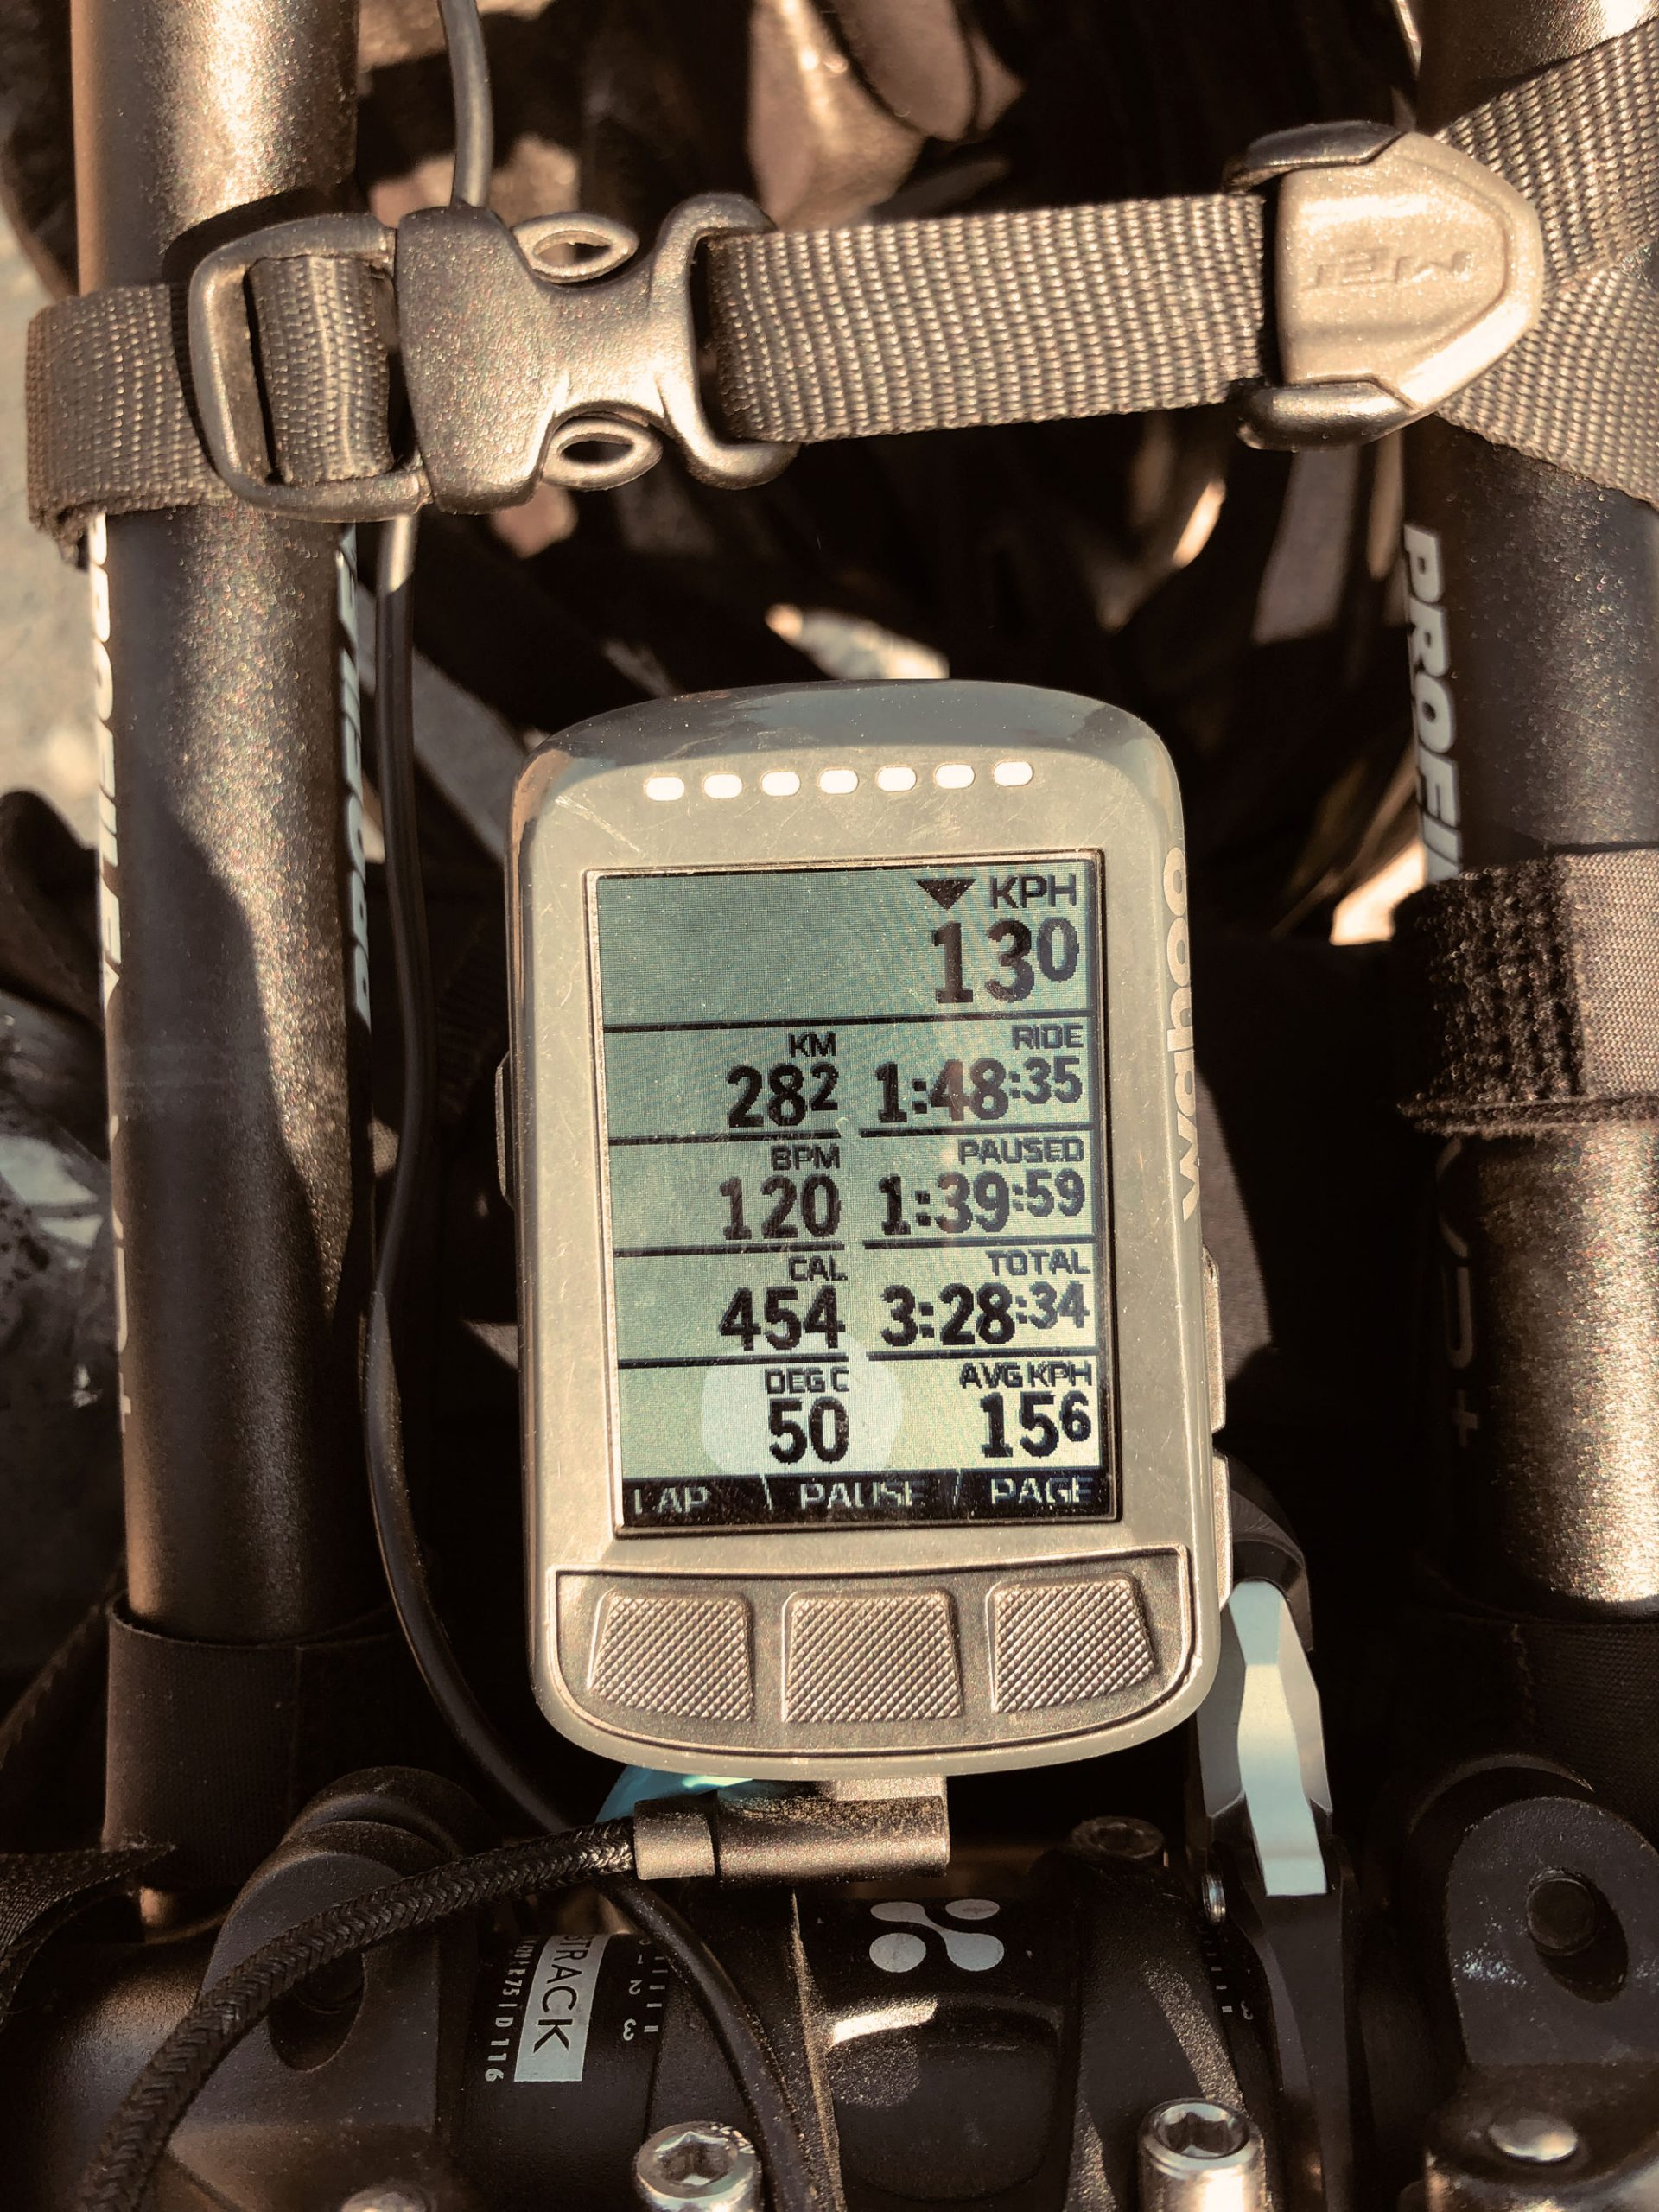 50 degrees while training in Kazakhztan